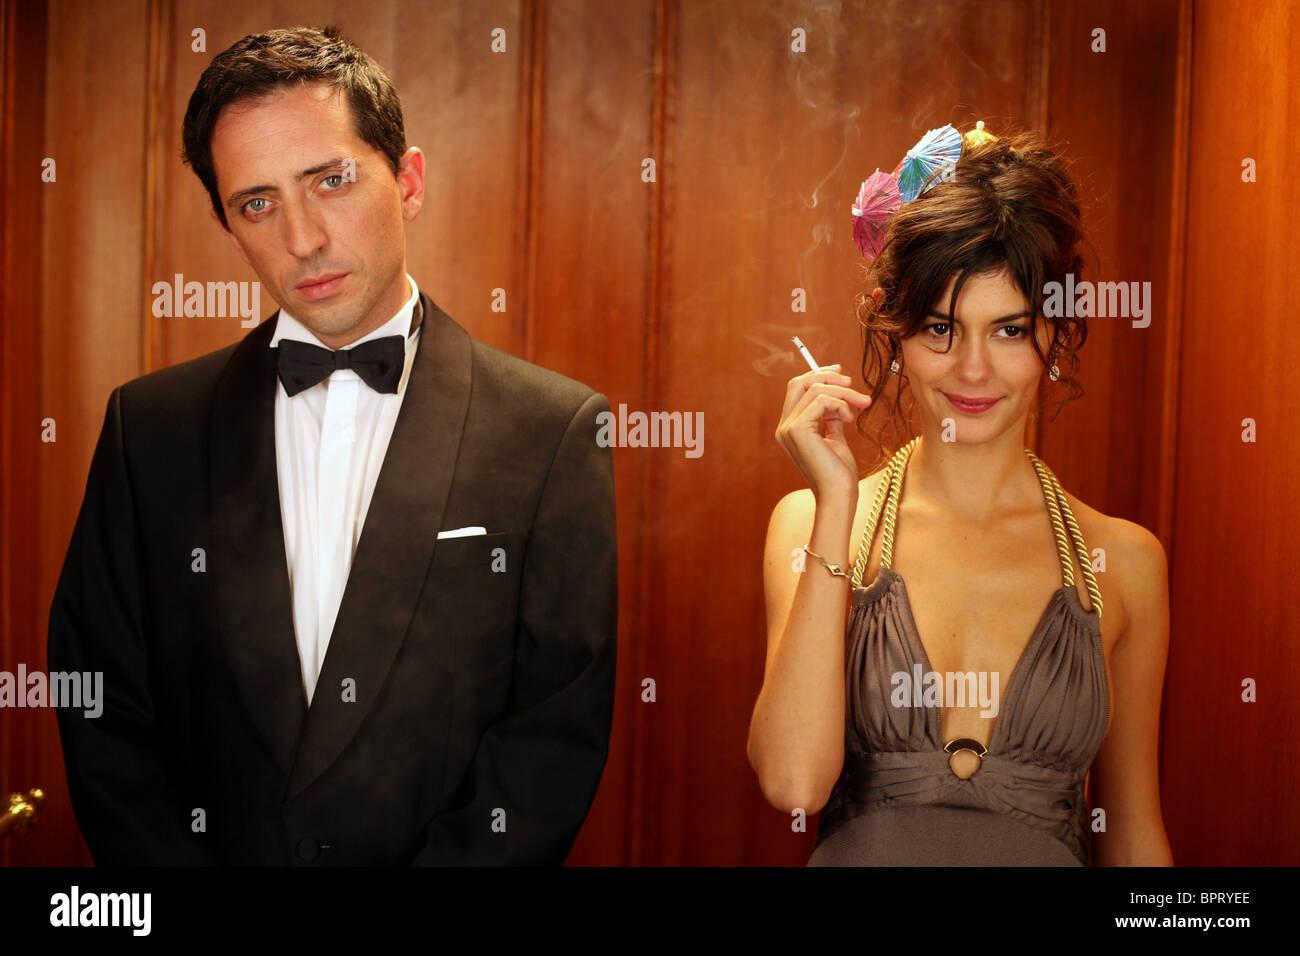 GAD ELMALEH & AUDREY TAUTOU PRICELESS; HORS DE PRIX (2006) - Stock Image